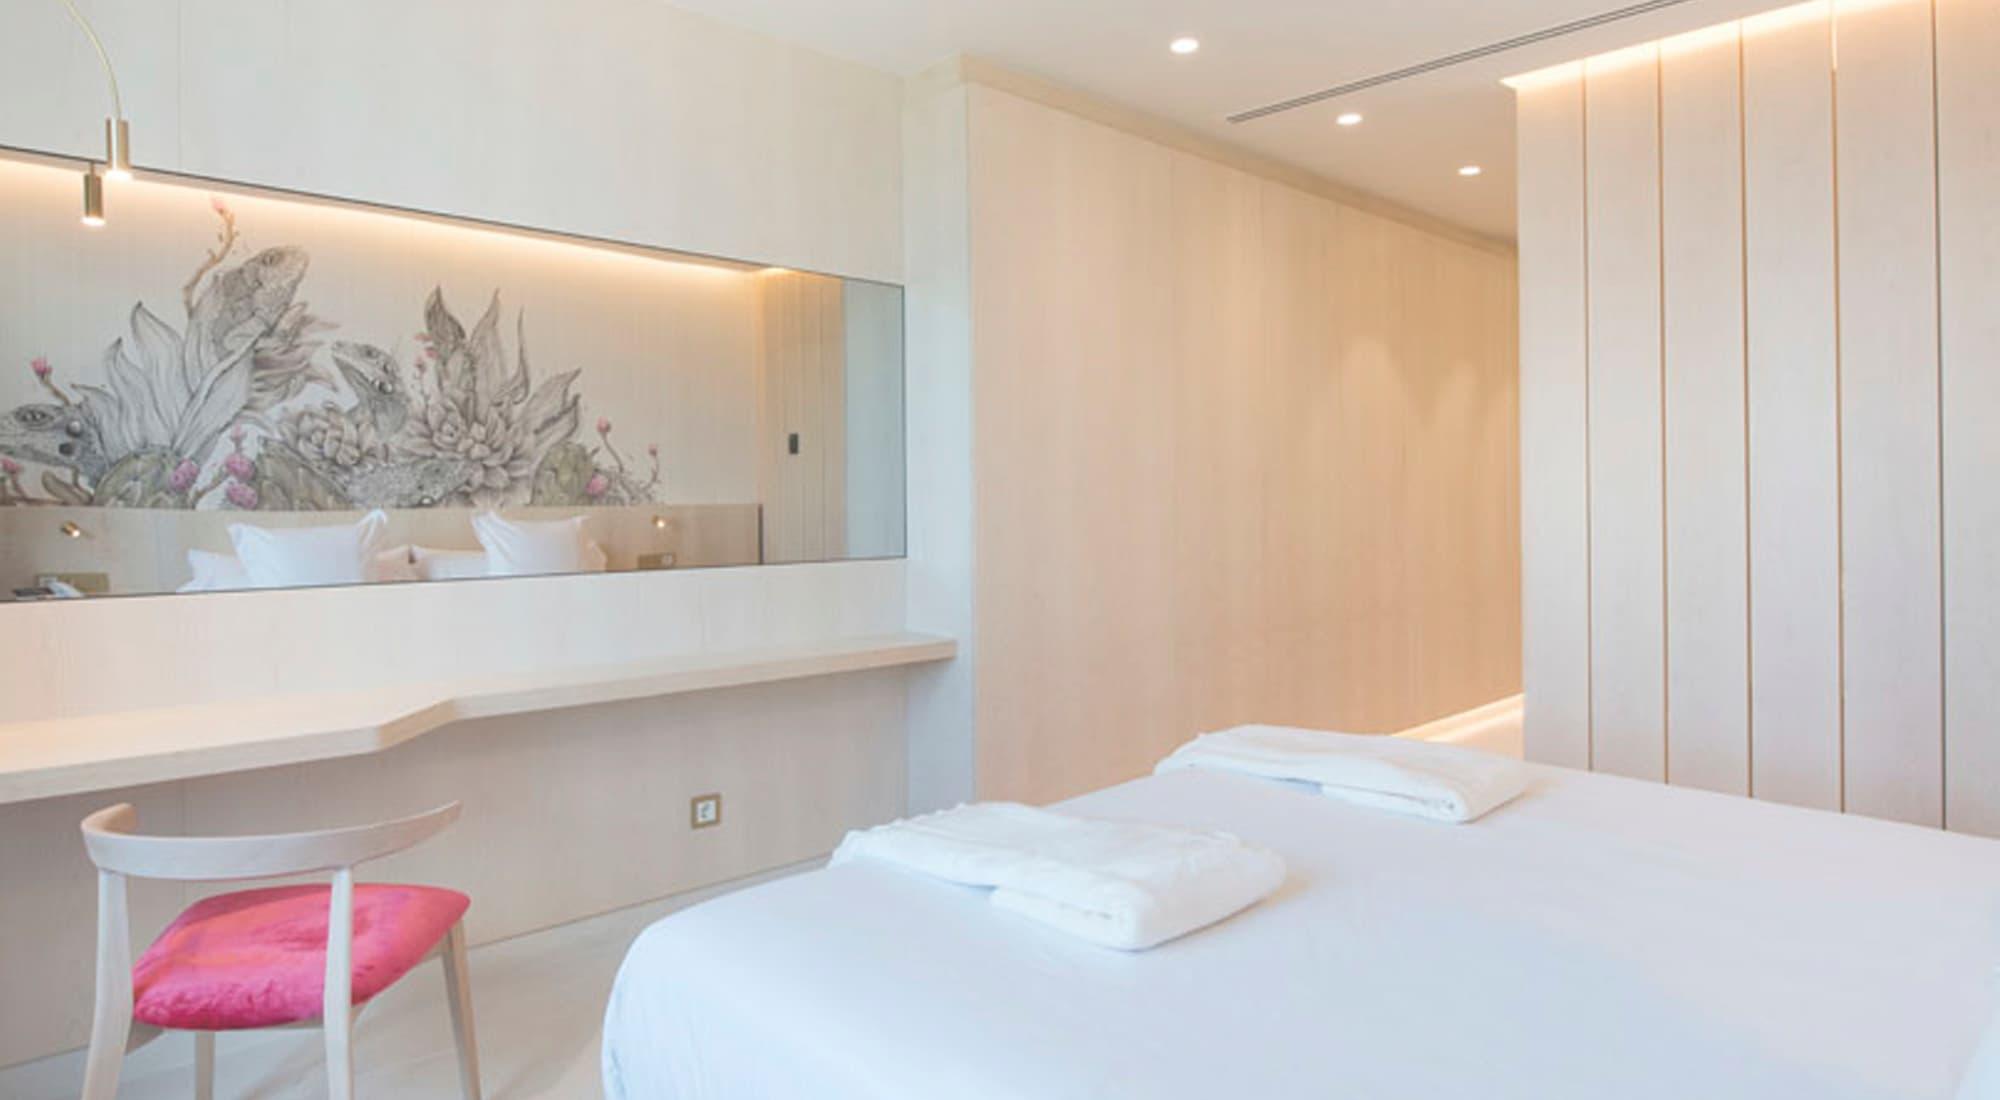 Bustper meubles pour hotels